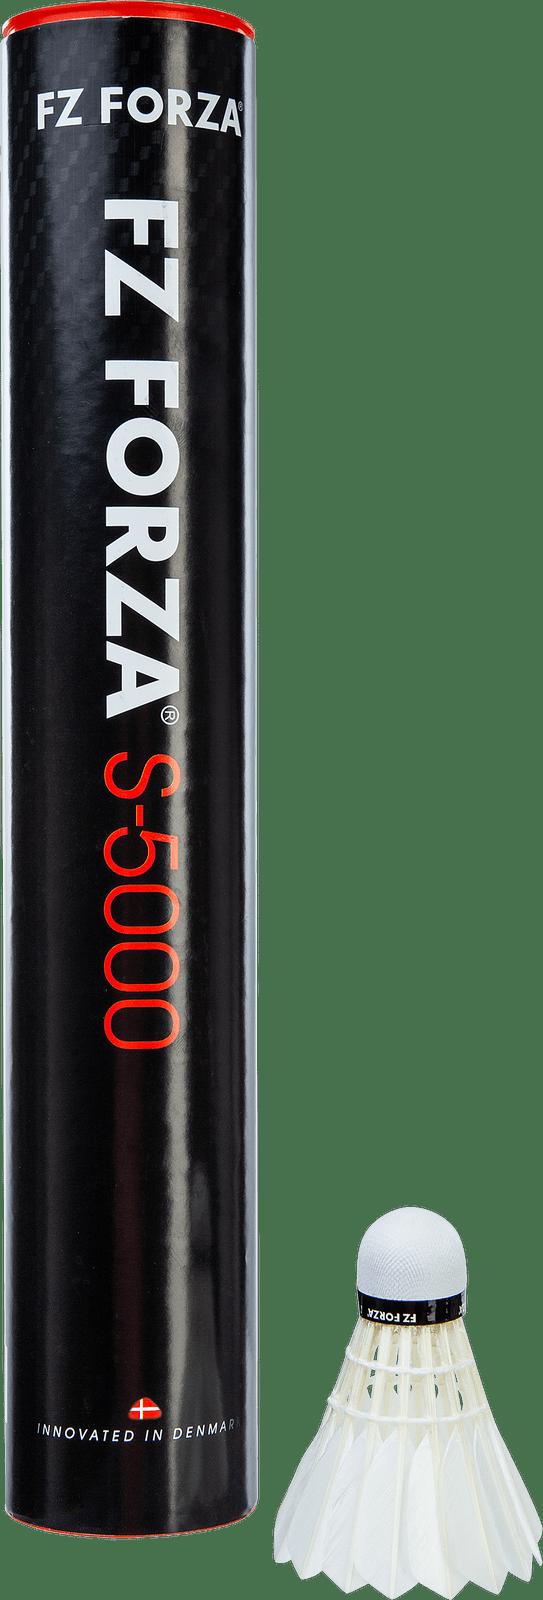 Forza S-5000